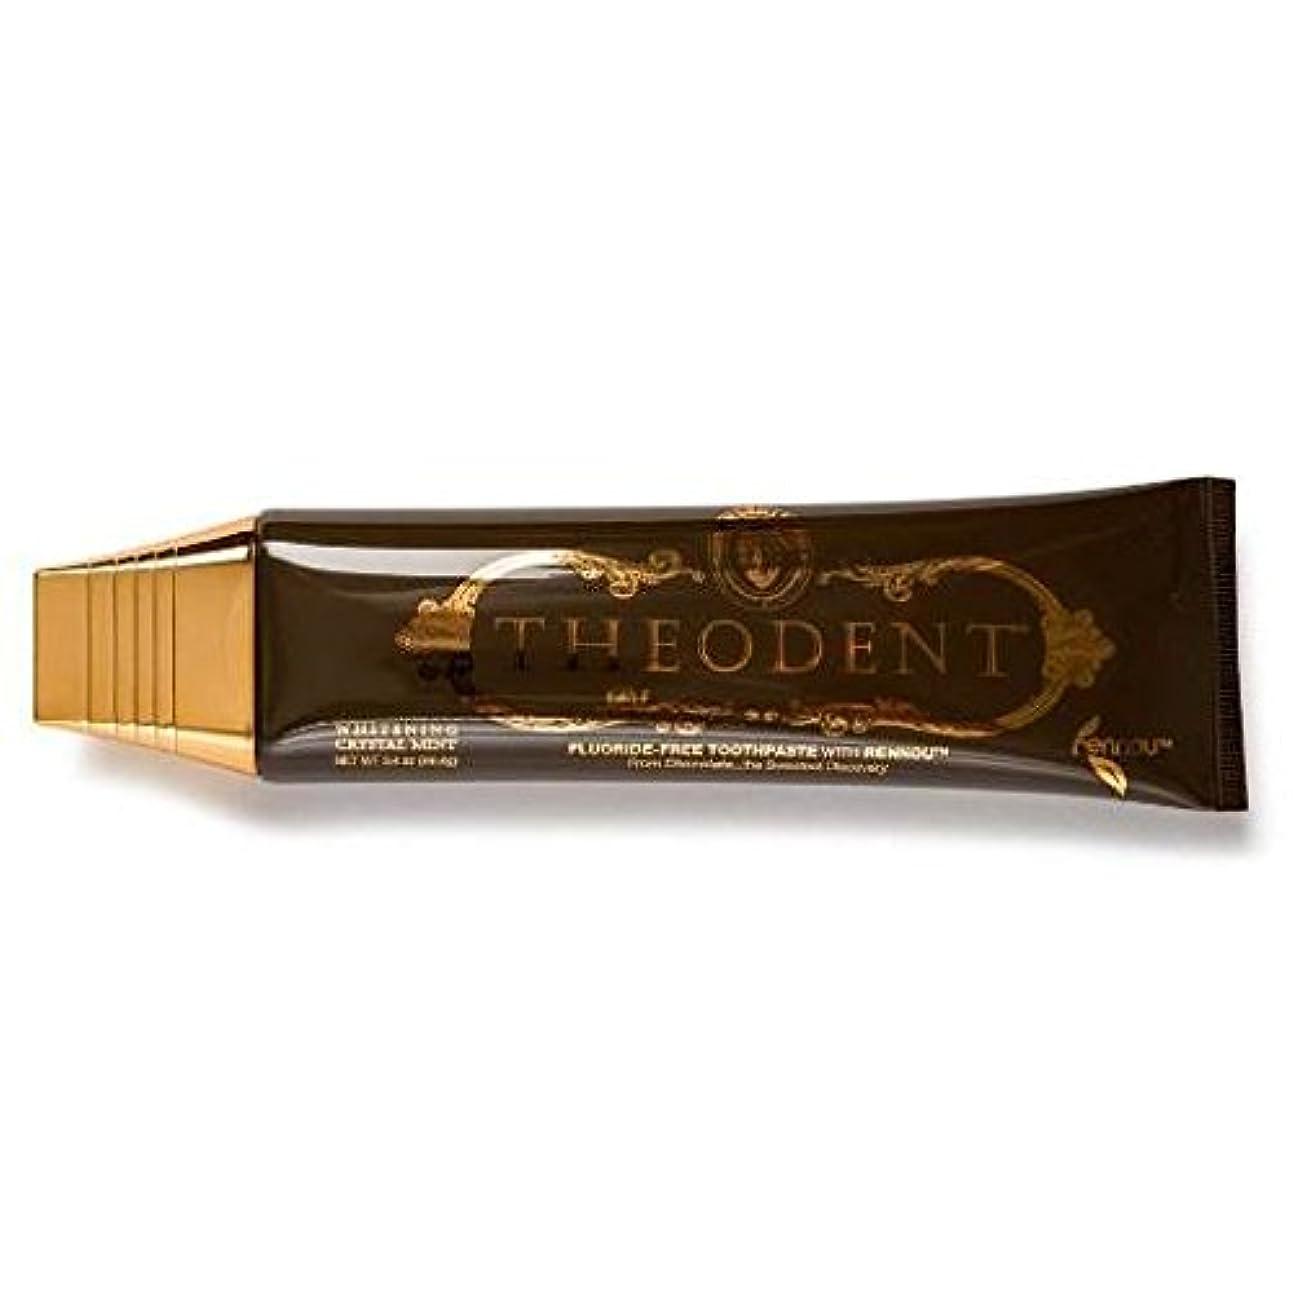 国内の味付けショット3本セット THEODENT(テオデント) 天然カカオが歯を白く☆フッ化物なしで安心歯磨き 96g×3